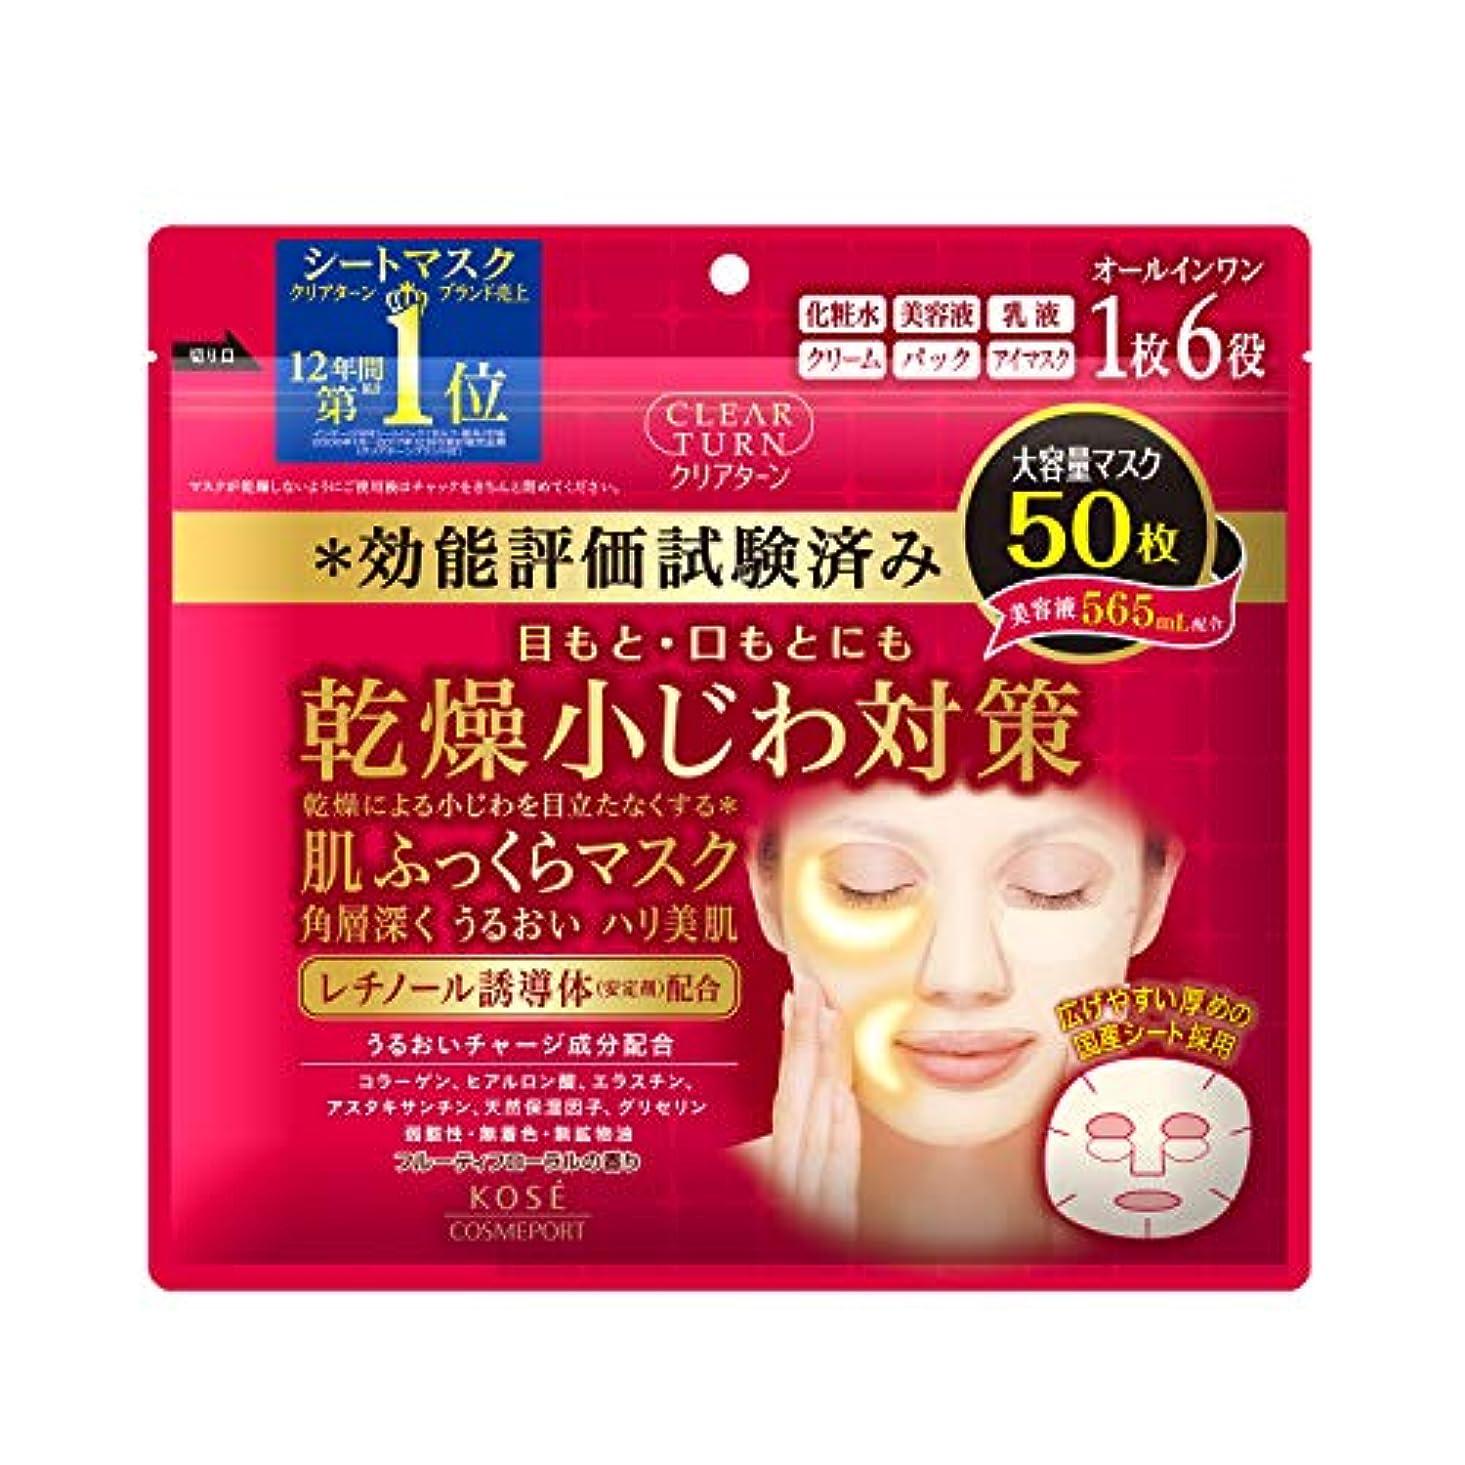 栄光のギャンブル排他的KOSE クリアターン 肌ふっくら マスク 50枚